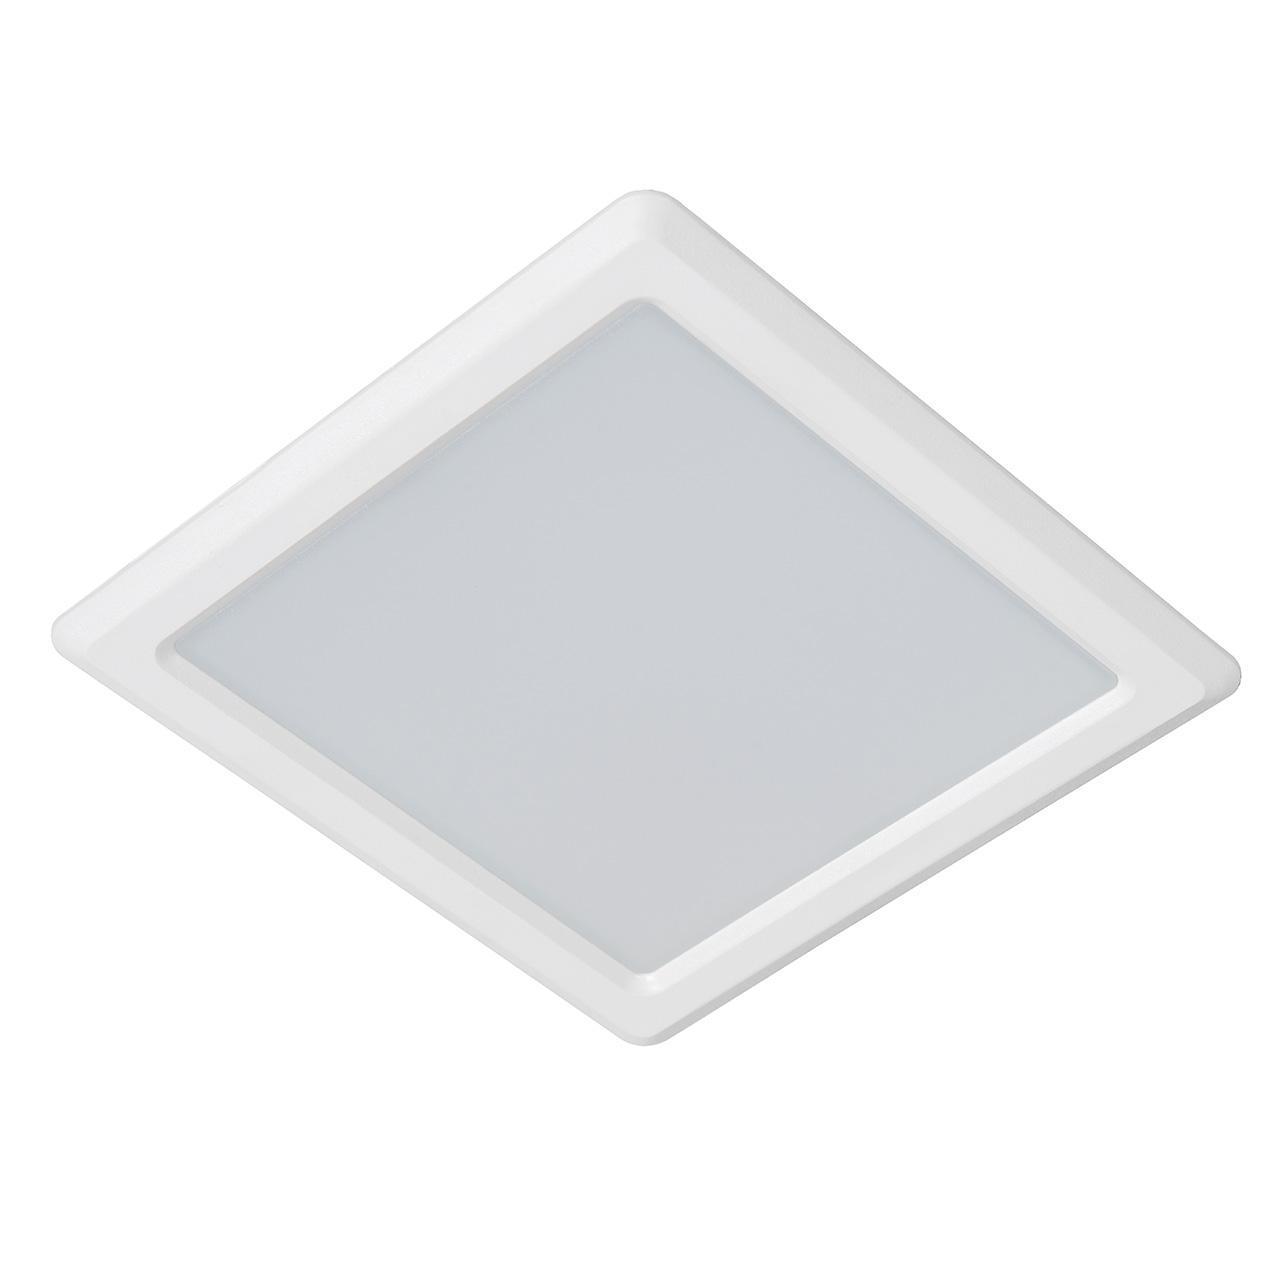 Встраиваемый светодиодный светильник Lucide Tendo-Led 07903/09/99 lucide встраиваемый светильник lucide tendo led 07901 06 31